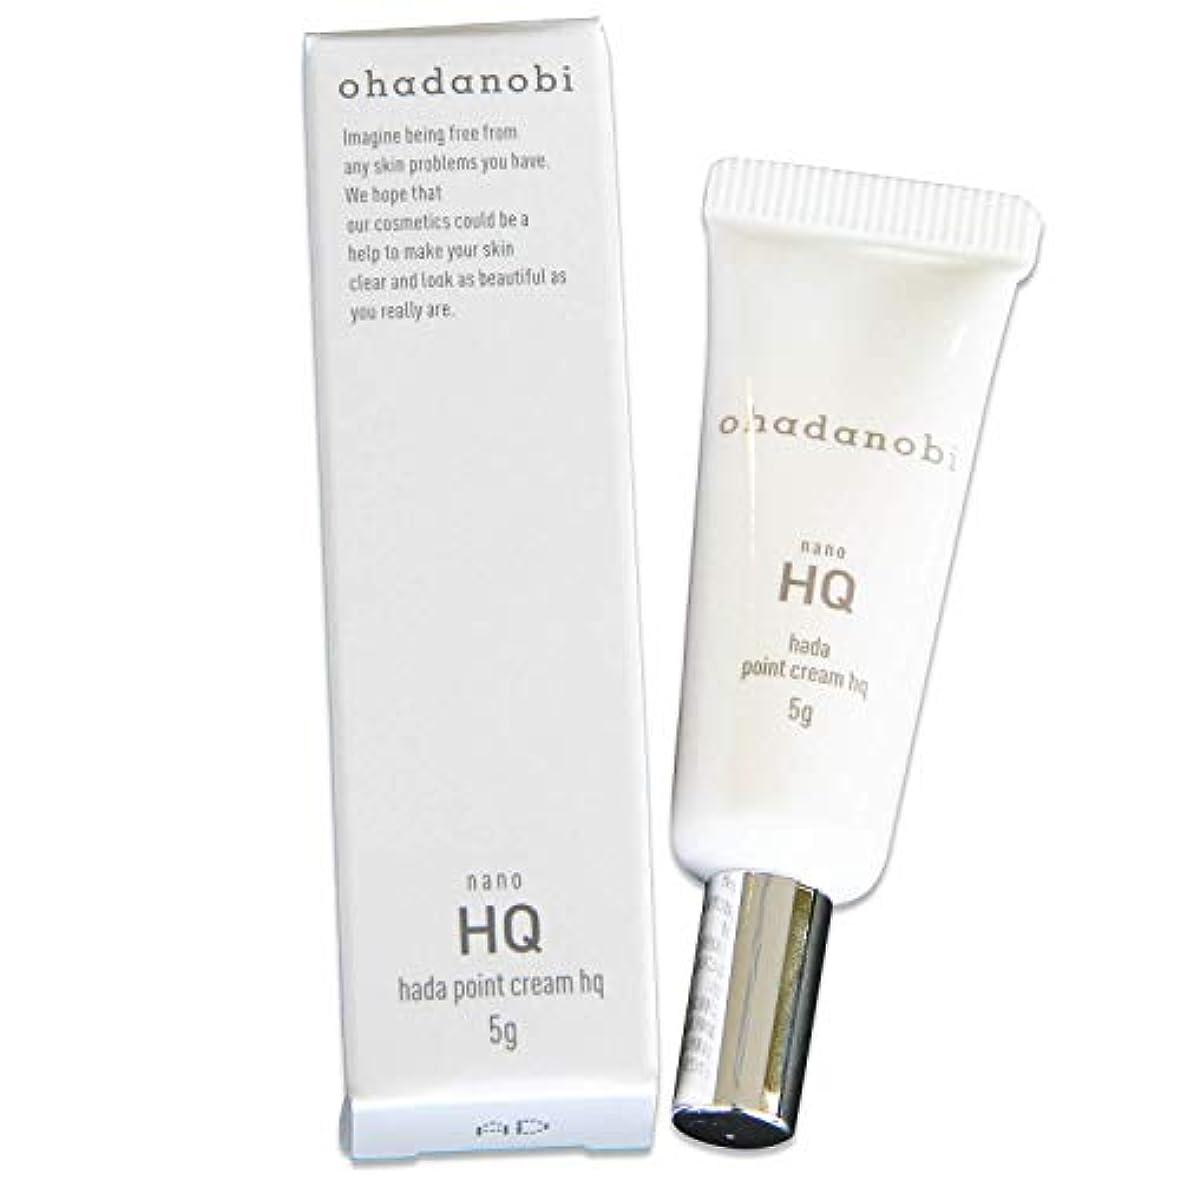 栄光のずんぐりしたアフリカ人純 ハイドロキノン 4% 配合 日本製 ハダポイントクリームHQ オハダノビ